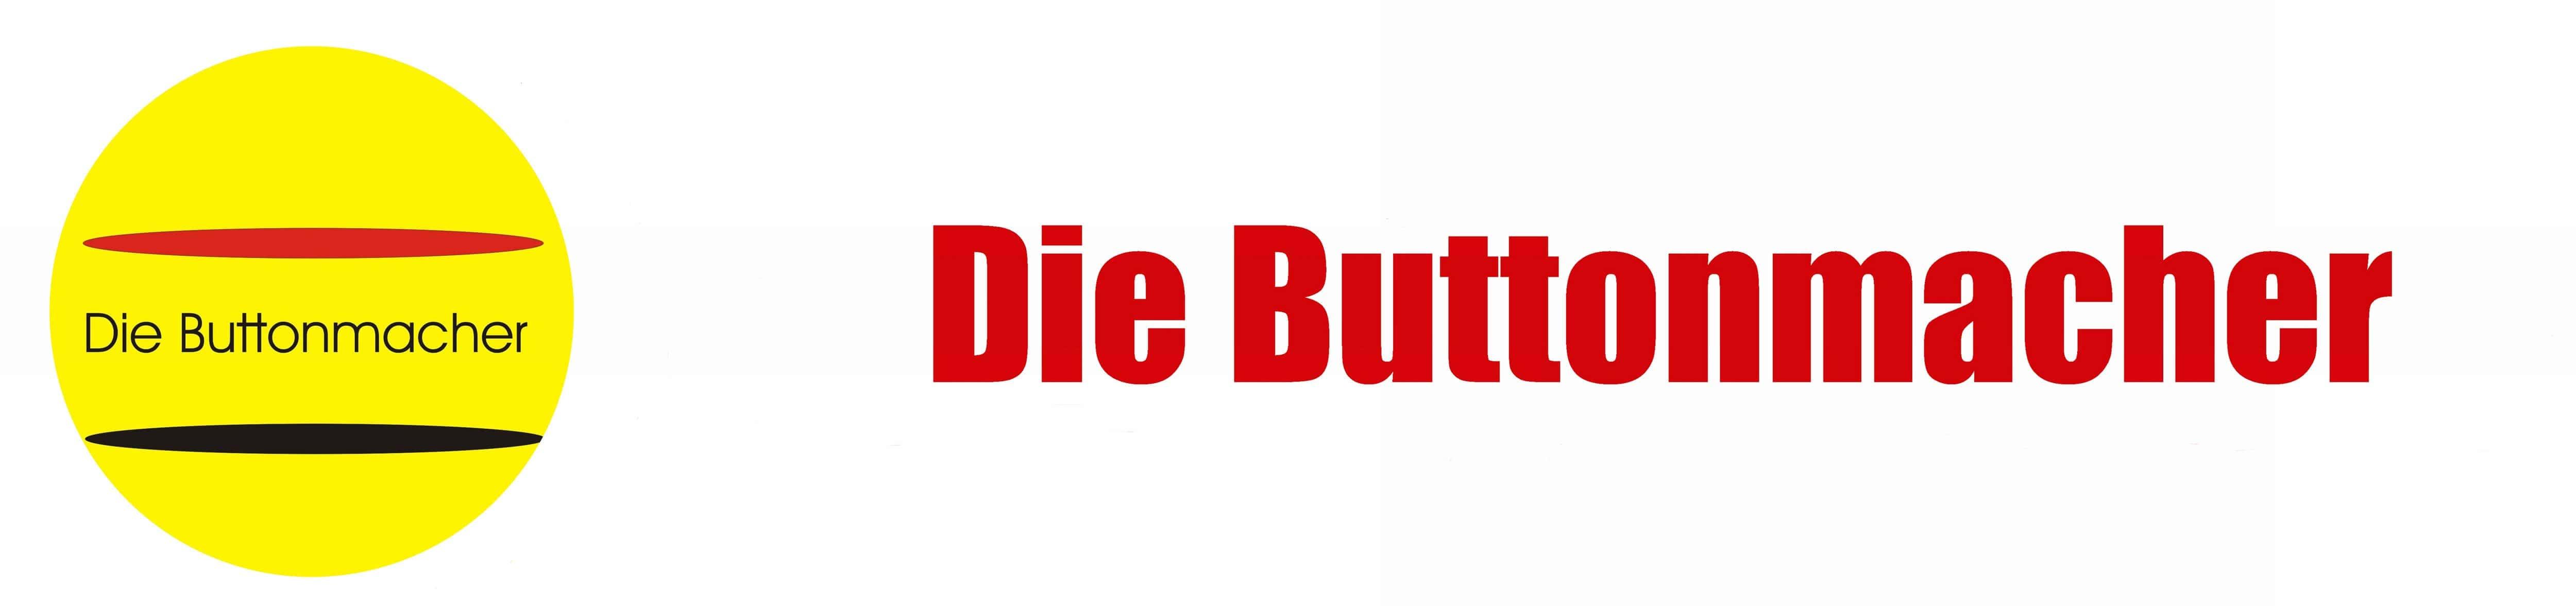 Die Buttonmacher-Logo